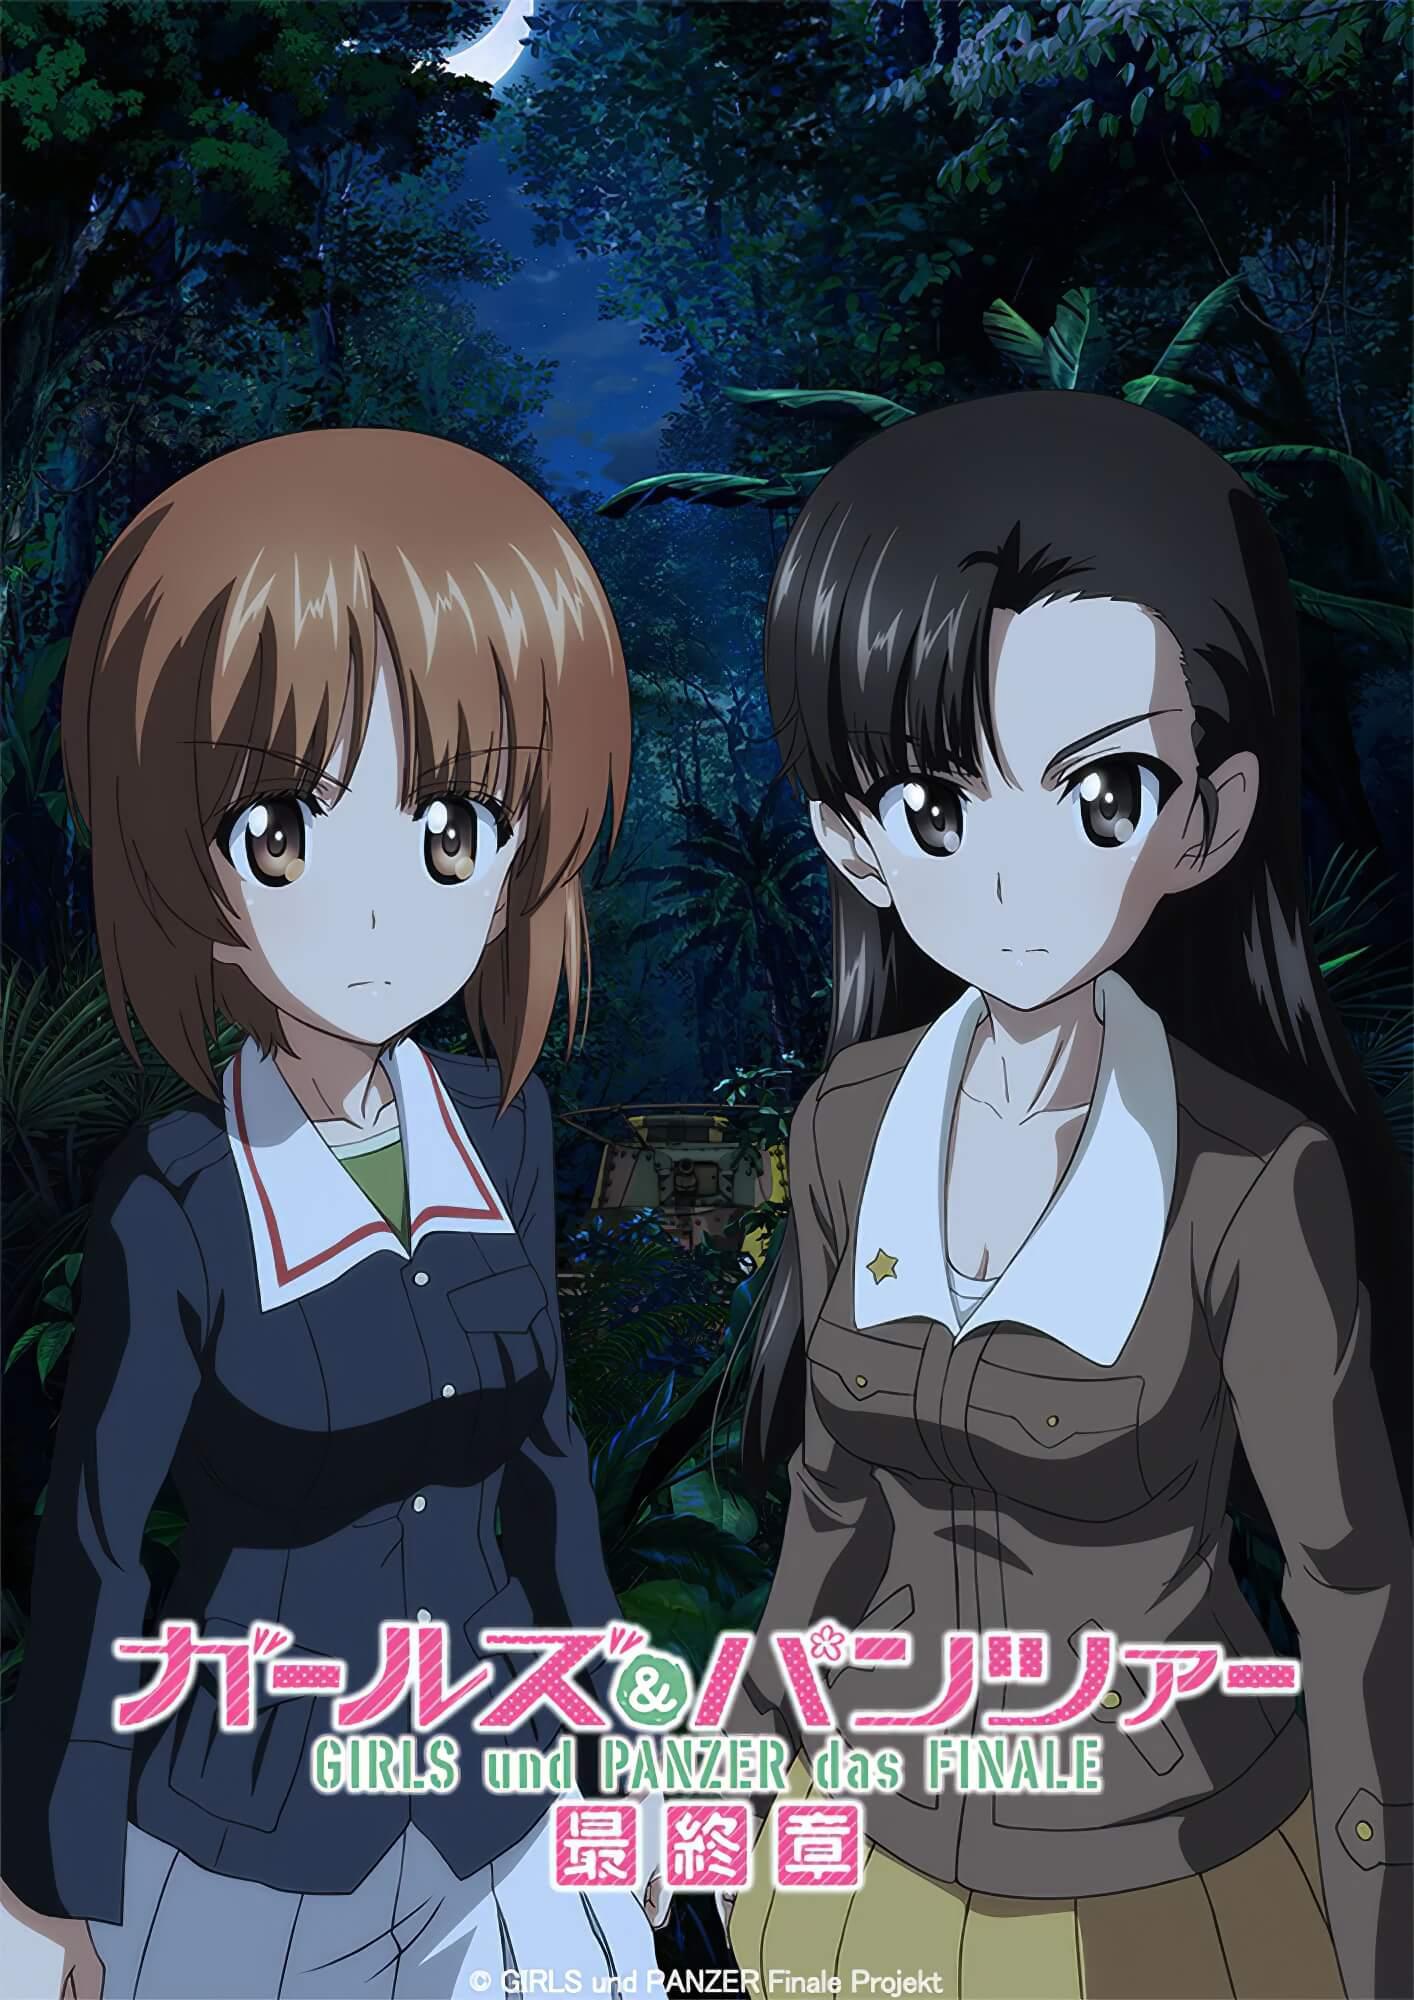 Girls Panzer Finale tráiler